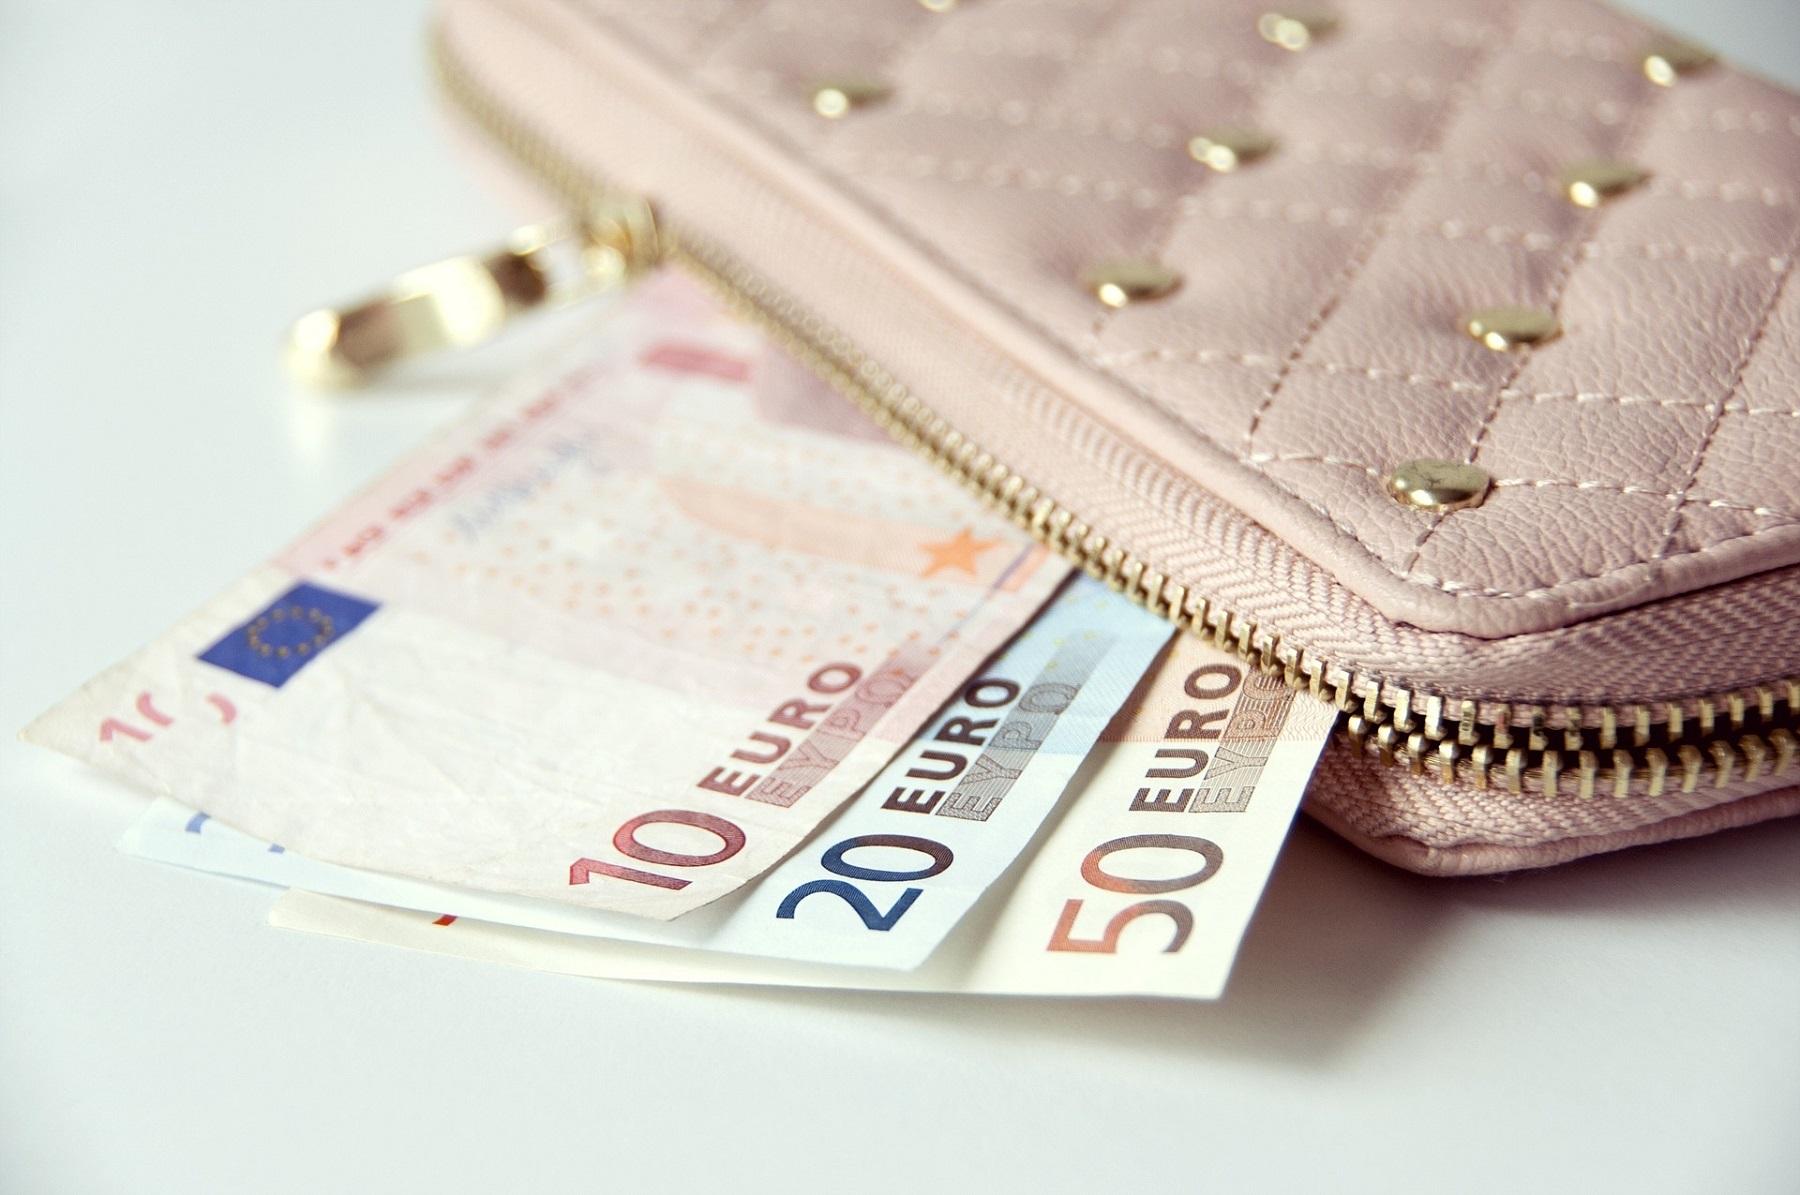 Confesercenti: Istat certifica crollo record, spariti 72 miliardi di euro di consumi